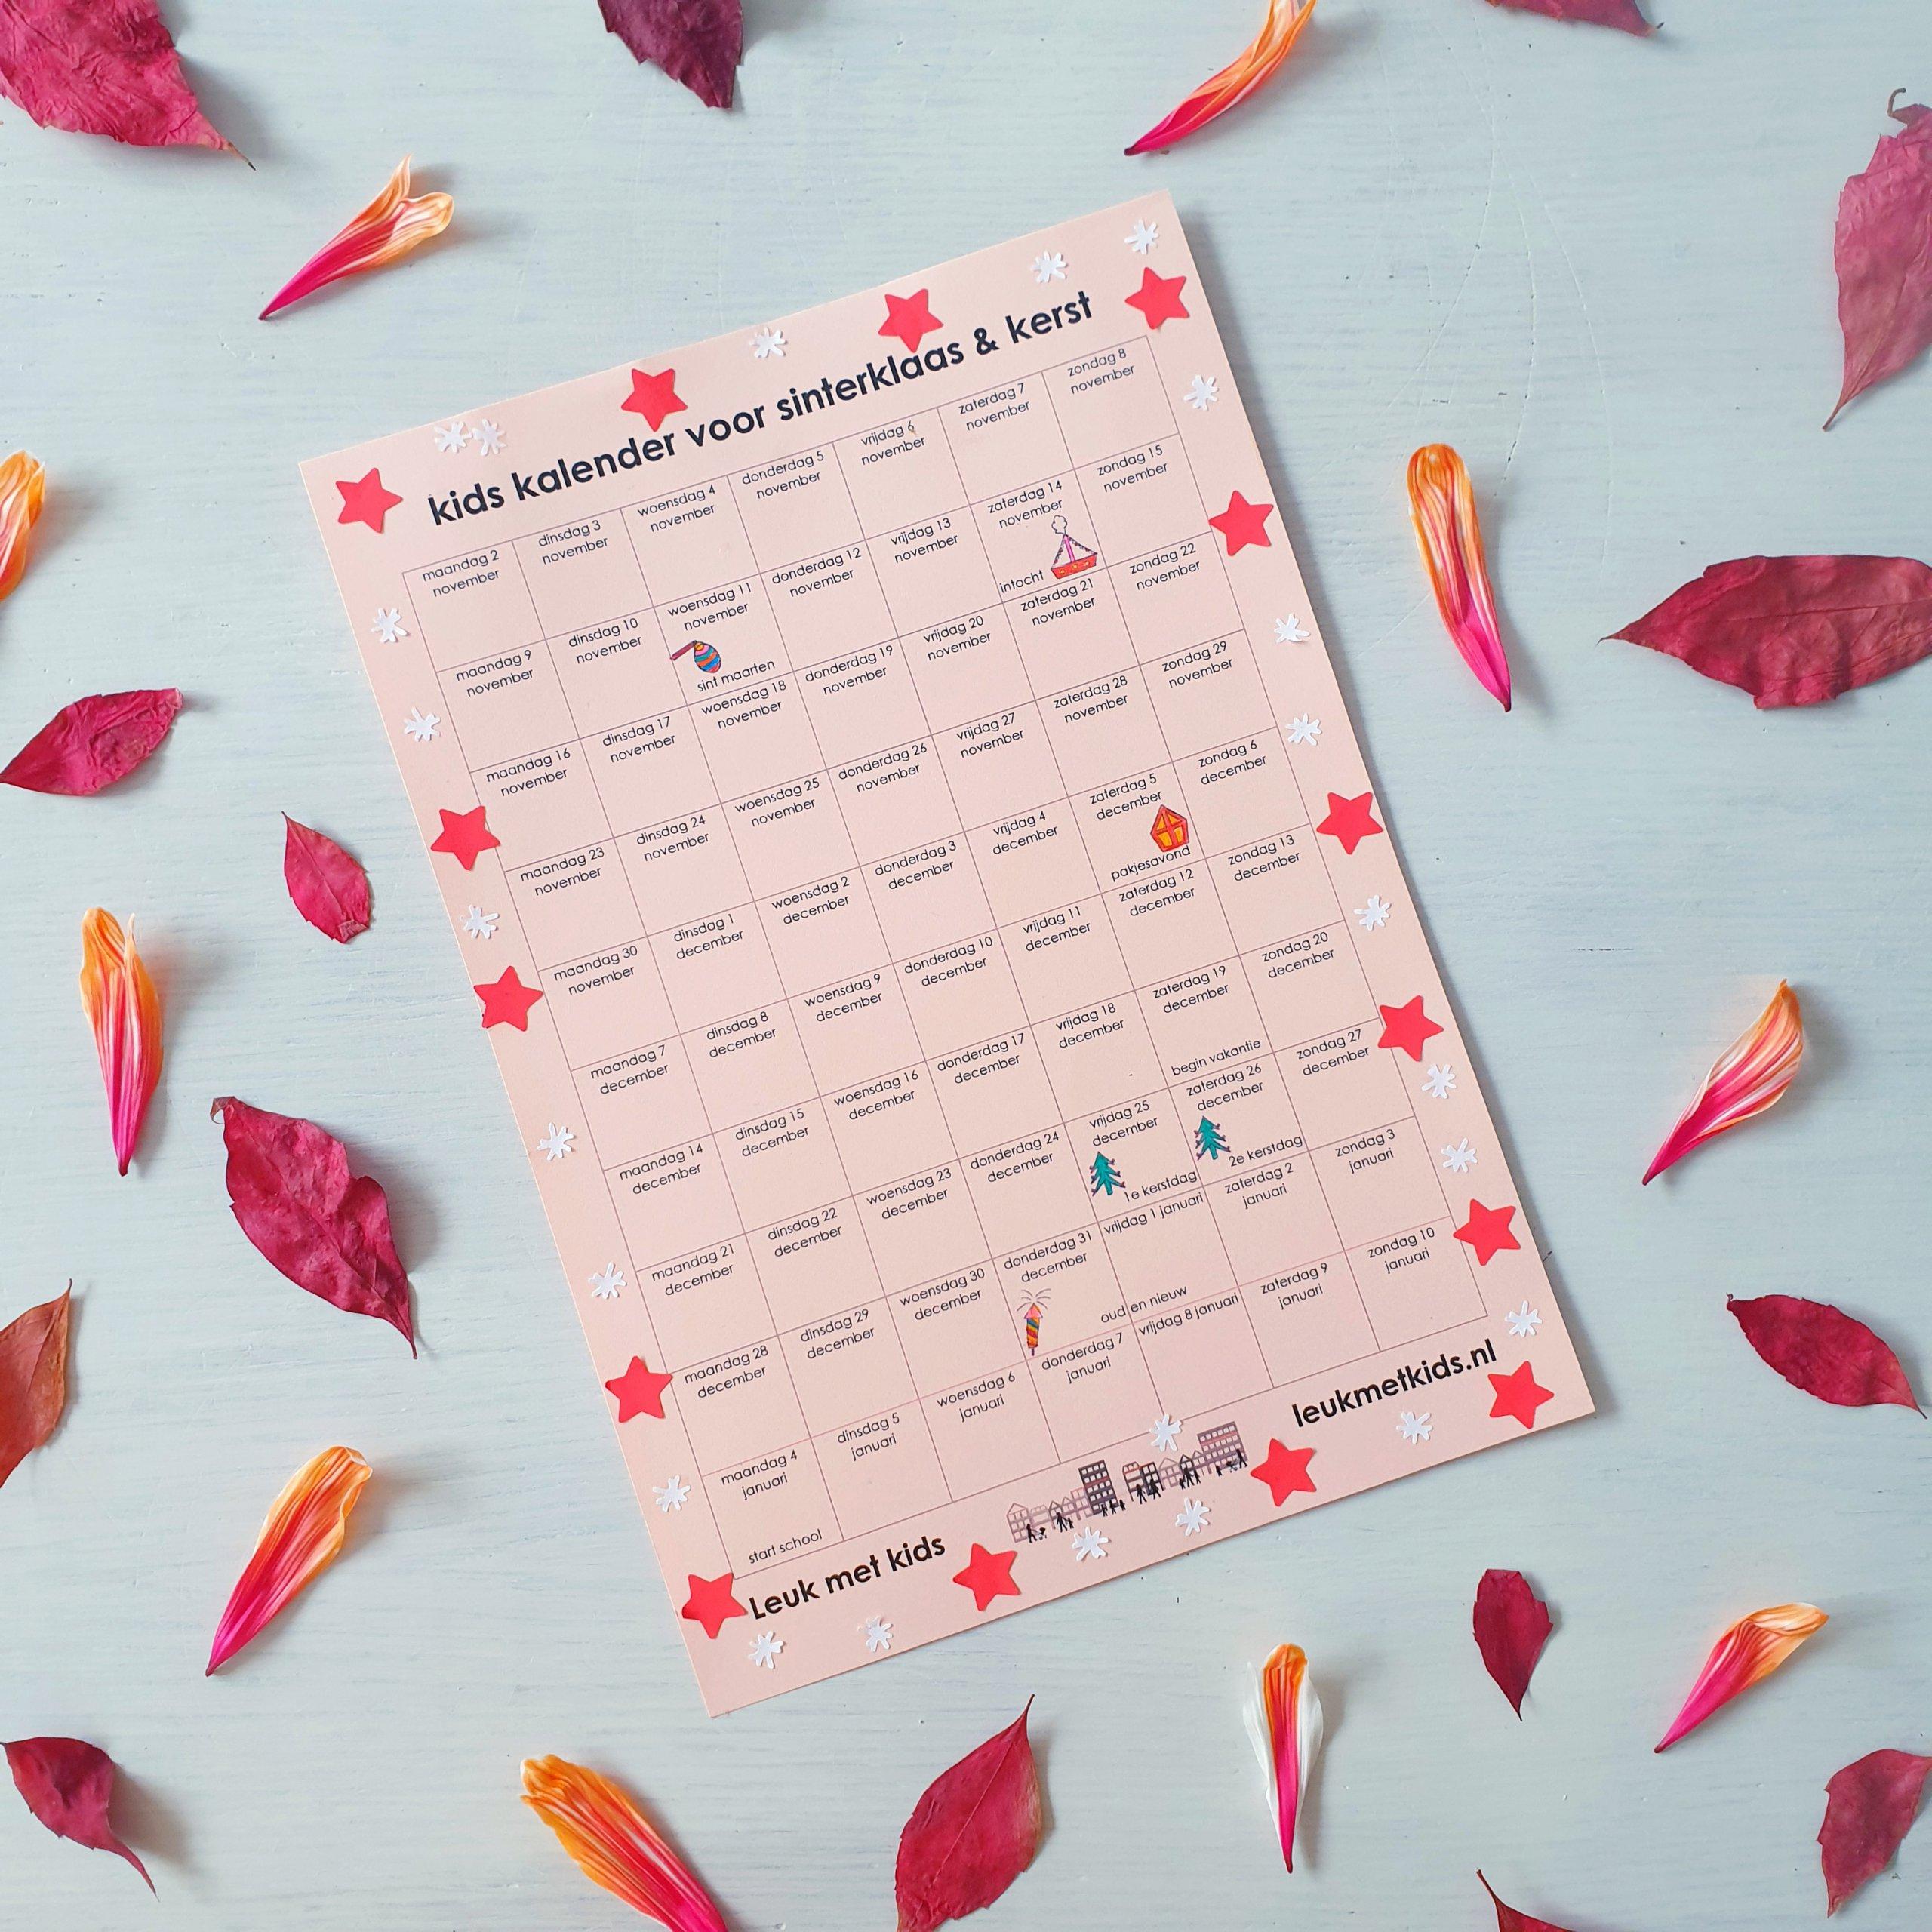 Feestdagenkalender voor Sint Maarten, Sinterklaas en Kerst